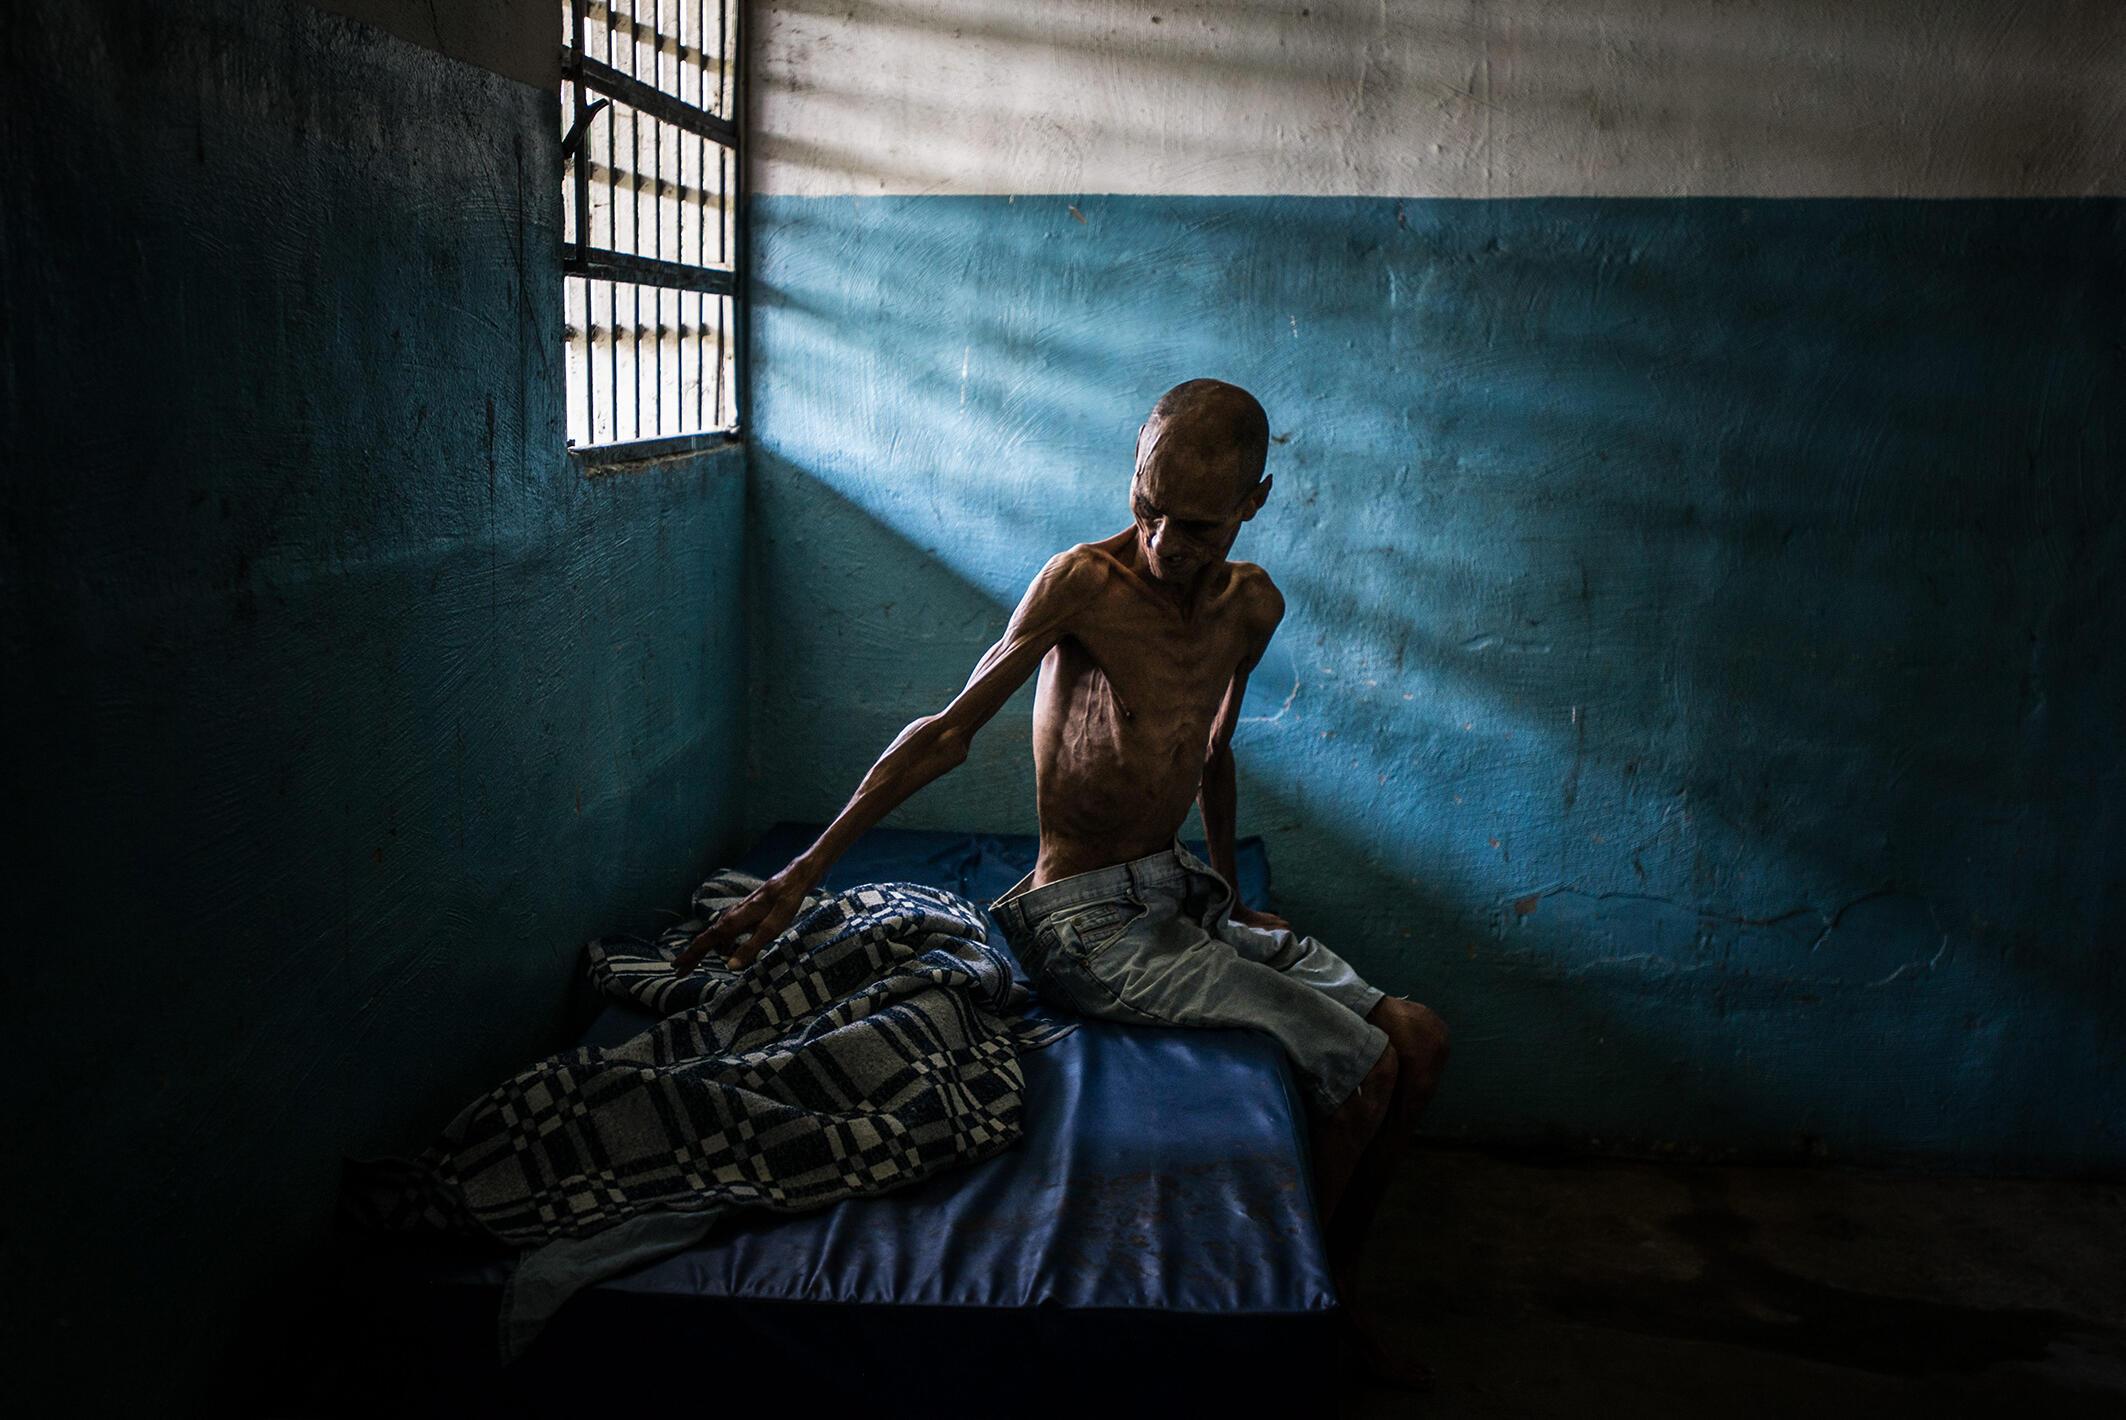 Omar Mendoza souffre de schizophrénie et de malnutrition sévère : il ne pèse que 35 kilos. L'hôpital psychiatrique où il se trouve est paralysé par une grave pénurie de nourriture et de médicaments. 25 août 2016.